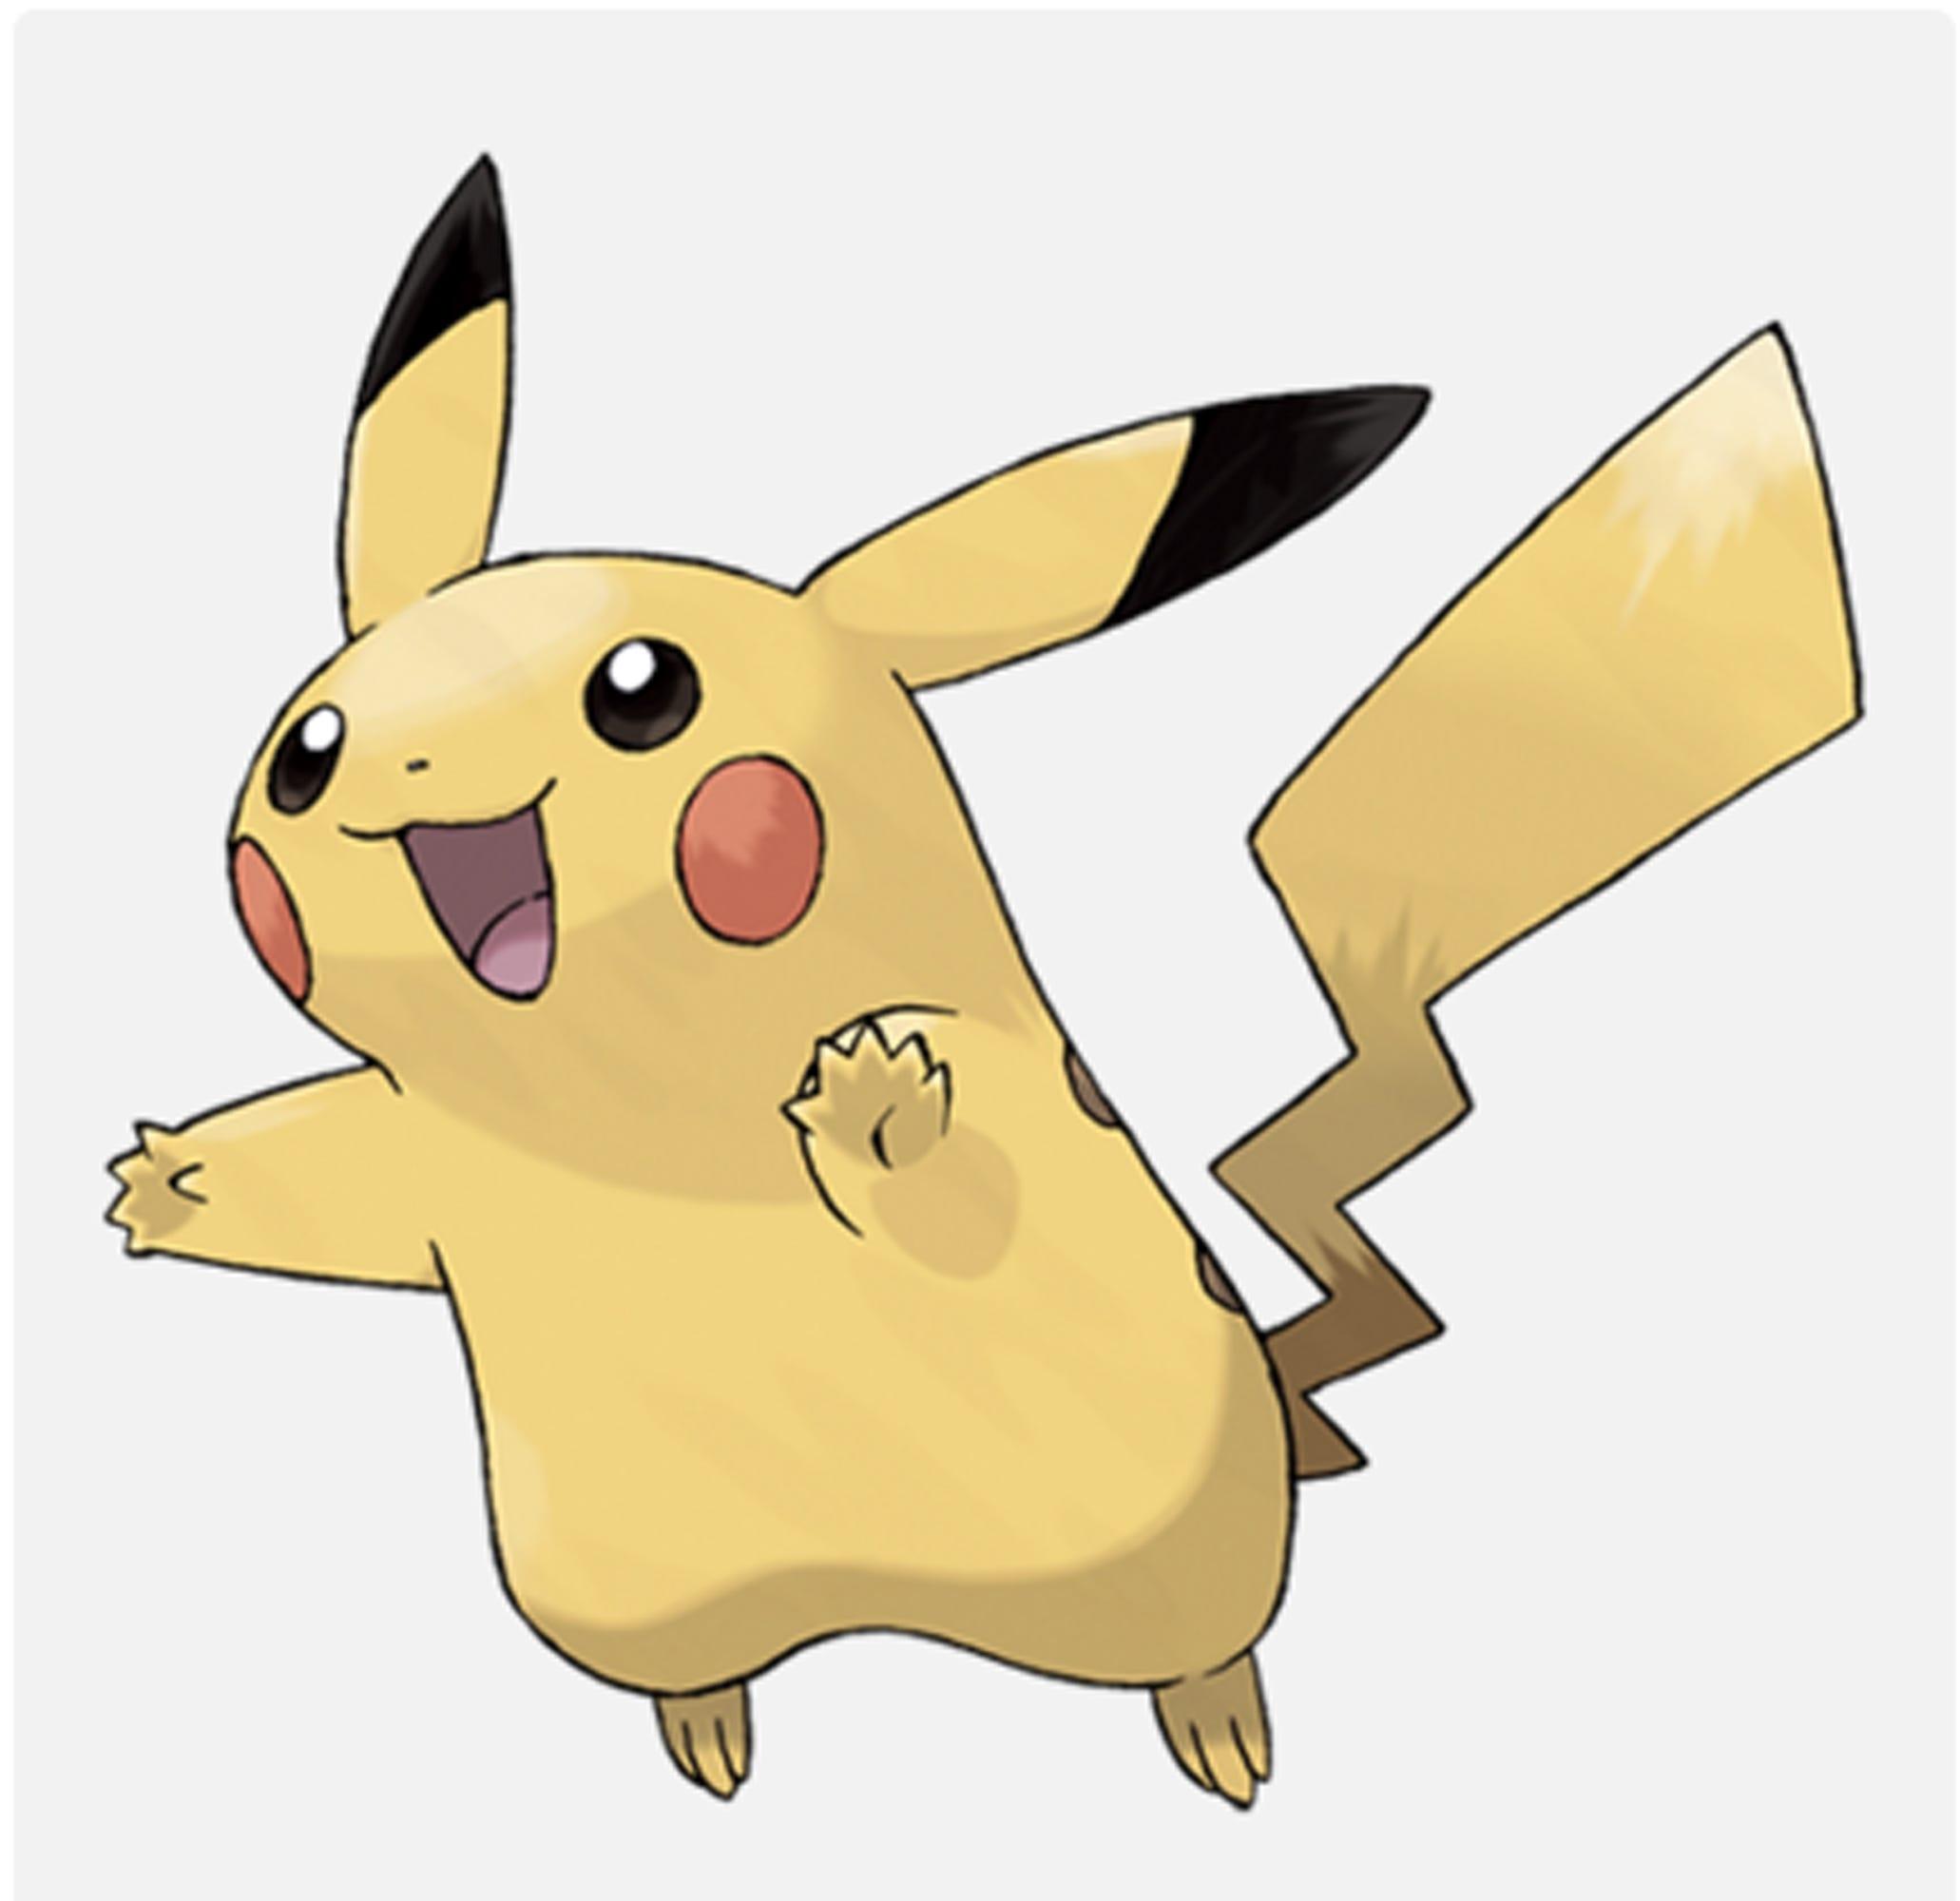 Pokémon Go Surpasses 100M Downloads & Makes A Shocking Amount Of Money